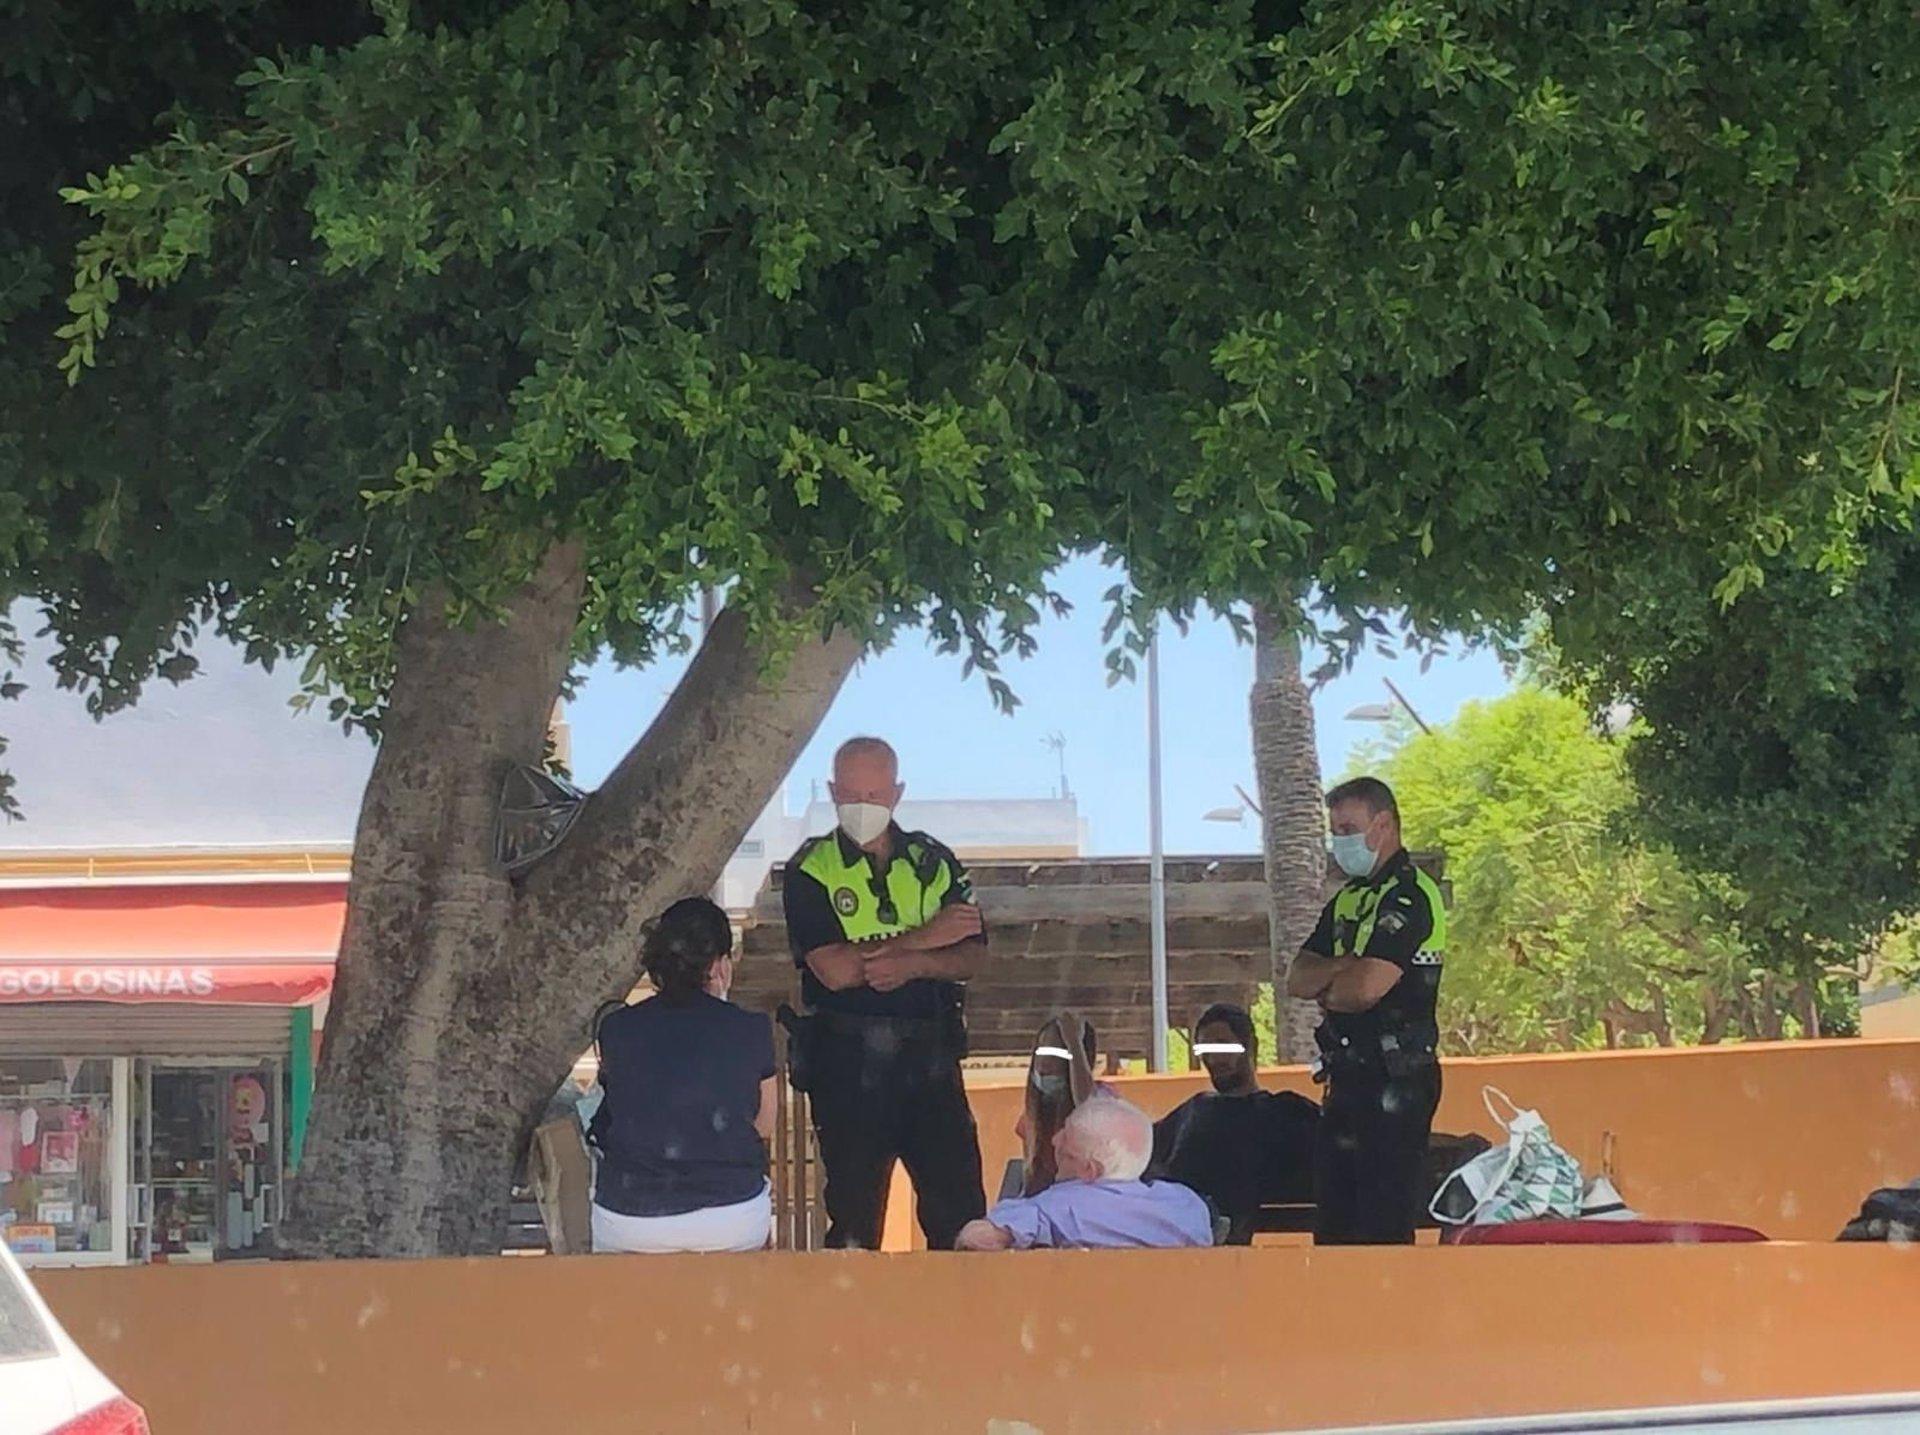 Miembros de la Policía local en la zona del Boulevard de la Paz, en Alcalá de Guadaíra.